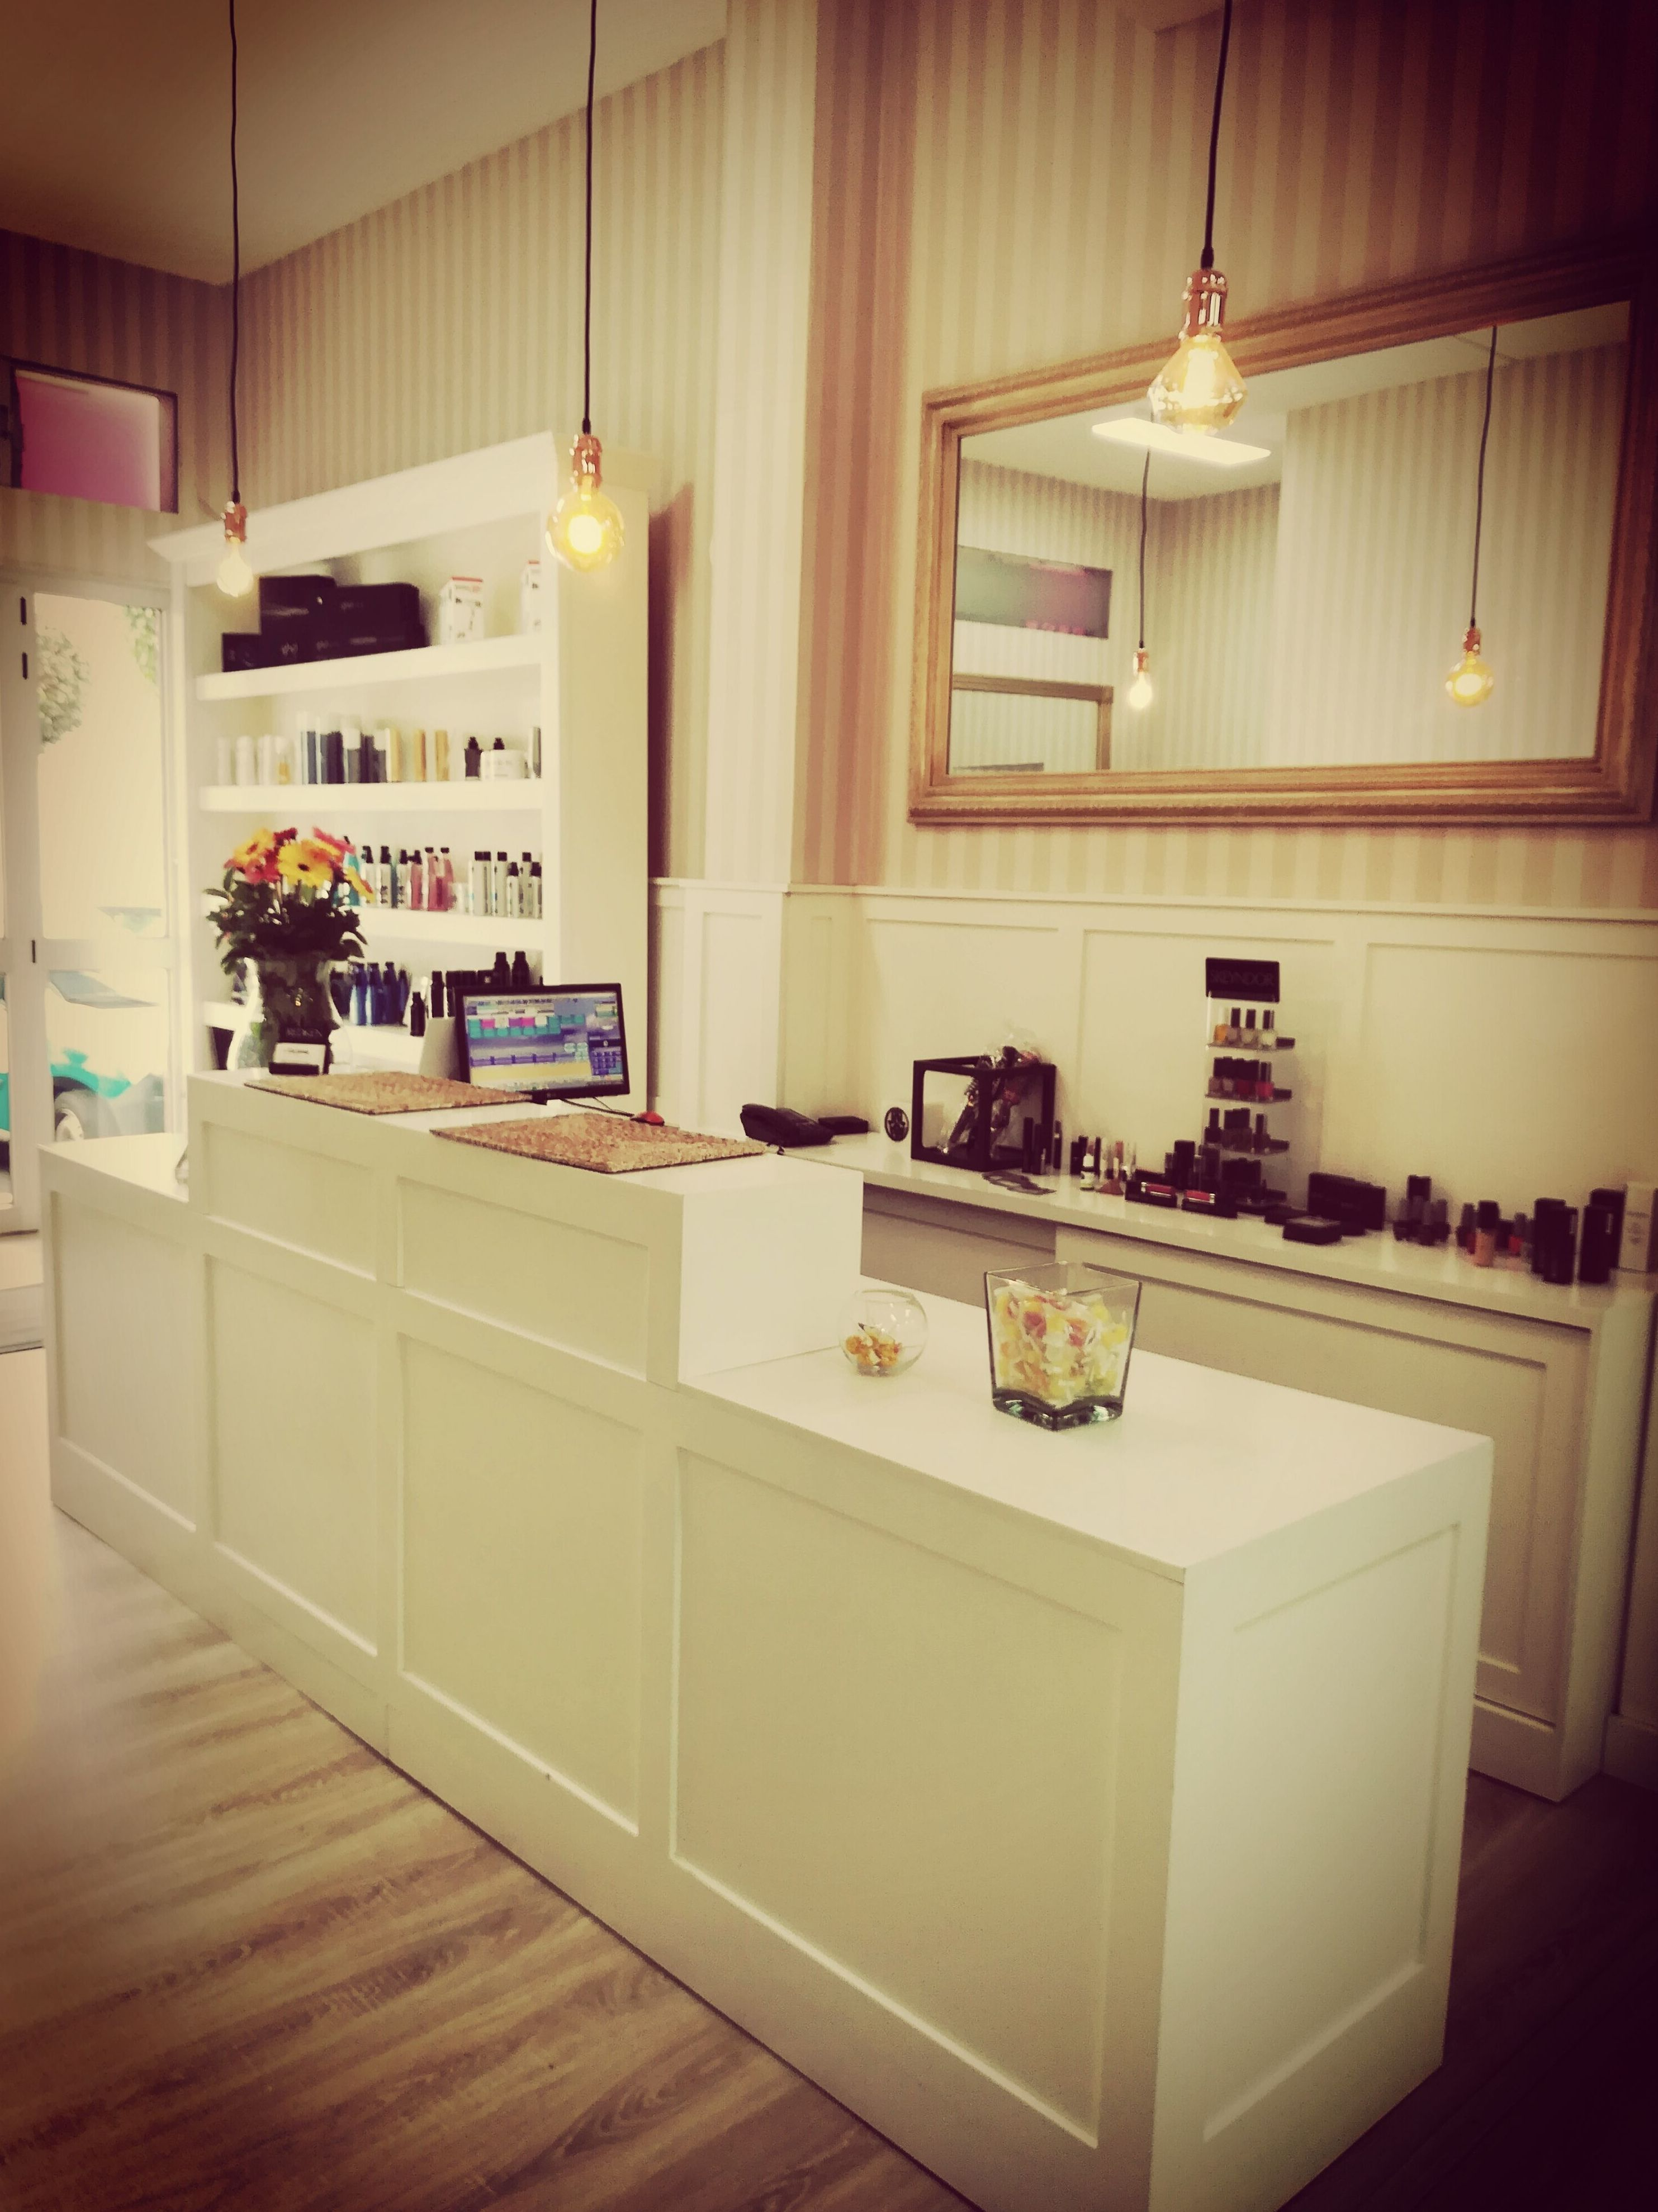 Foto 2 de Salón de belleza, peluquería y estética en Arucas | De´Pinie Peluquería